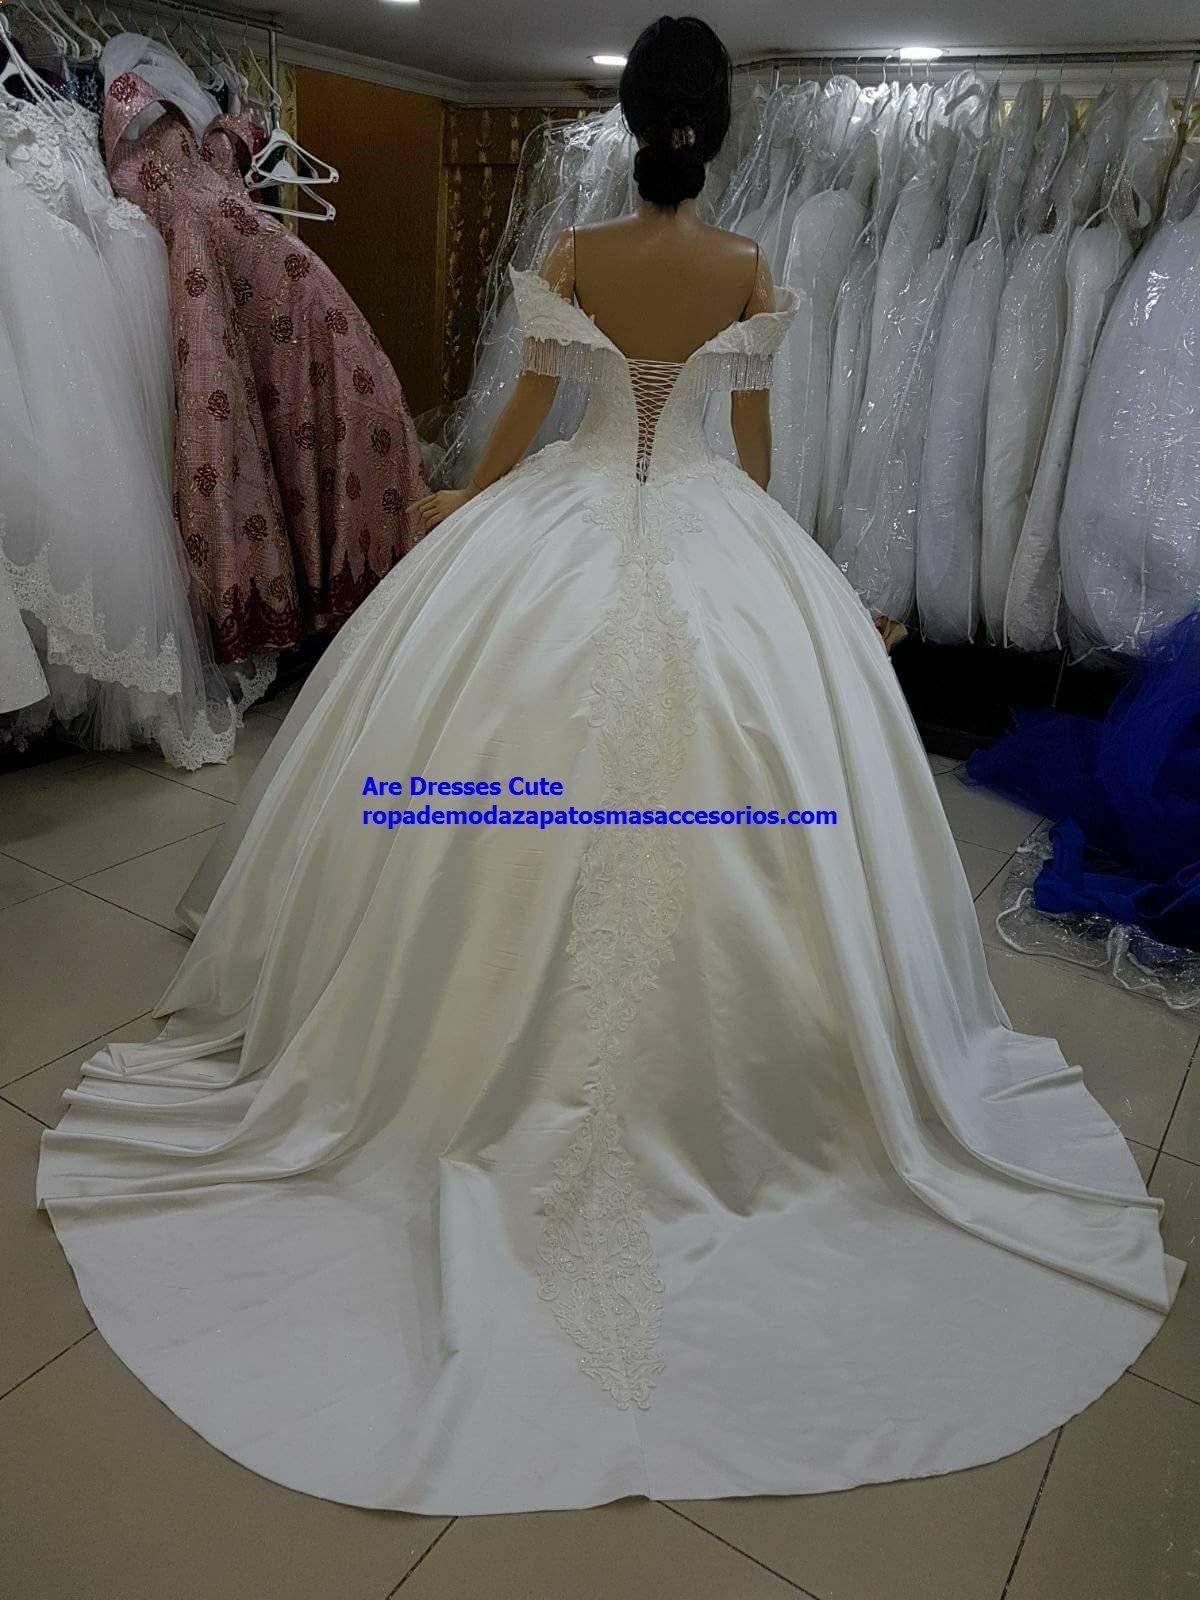 Macys womens dresses wedding  DRESSES FASHION DRESSES AT DILLARDS DRESSES AT KOHLS DRESSES AT